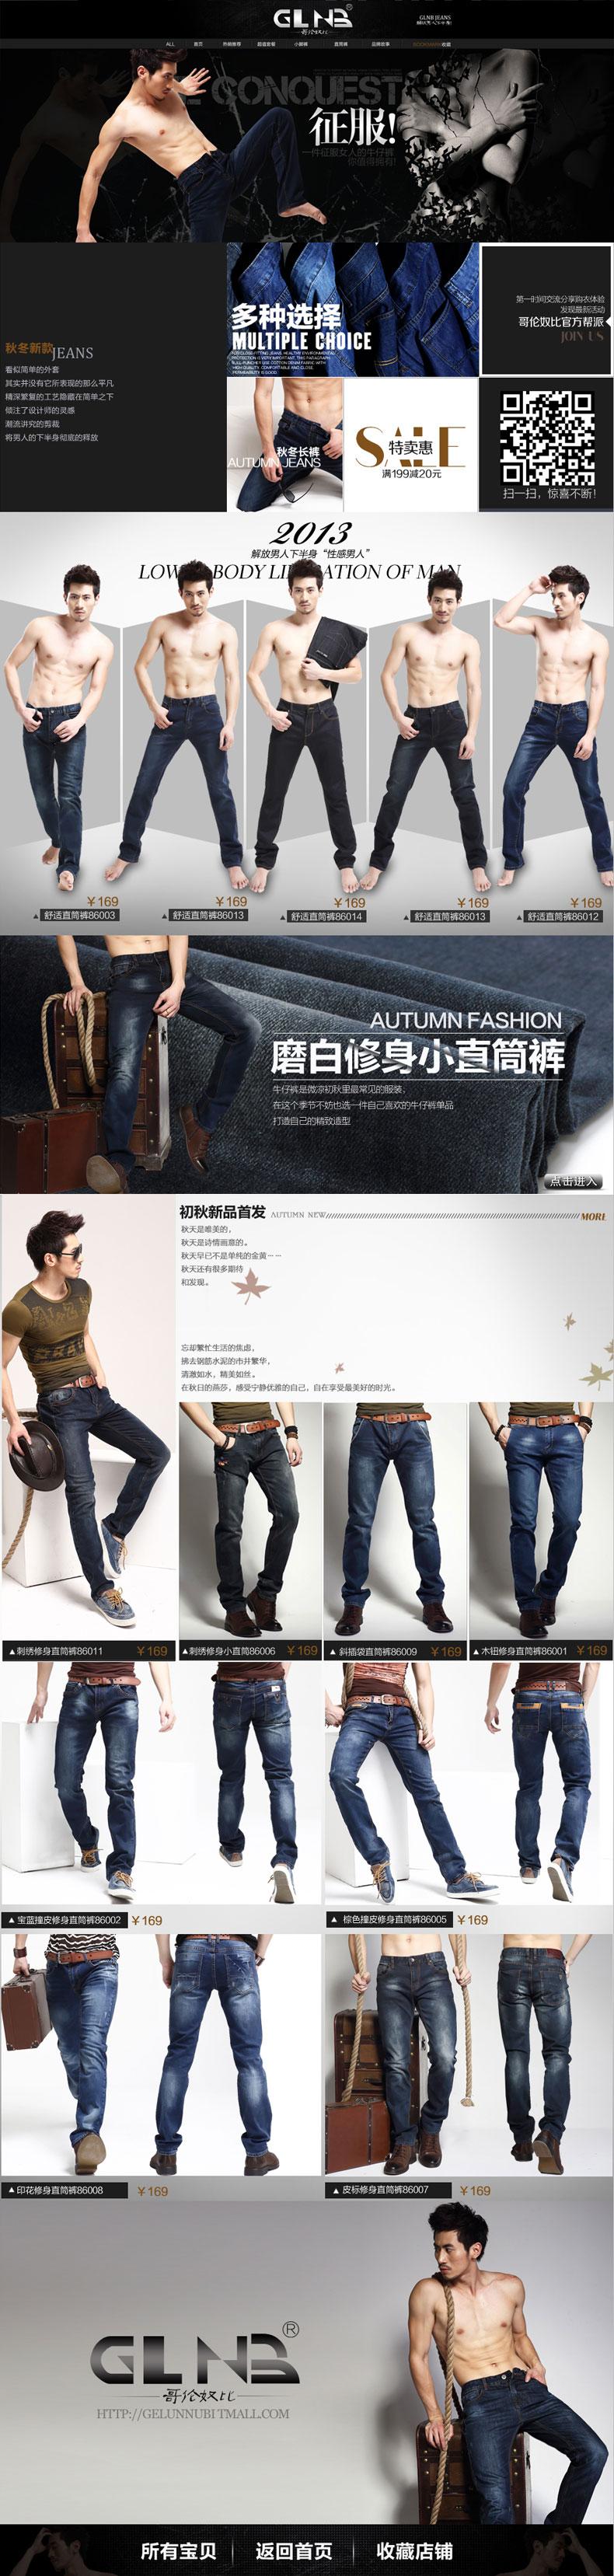 男裝牛仔褲秋季主題頁面